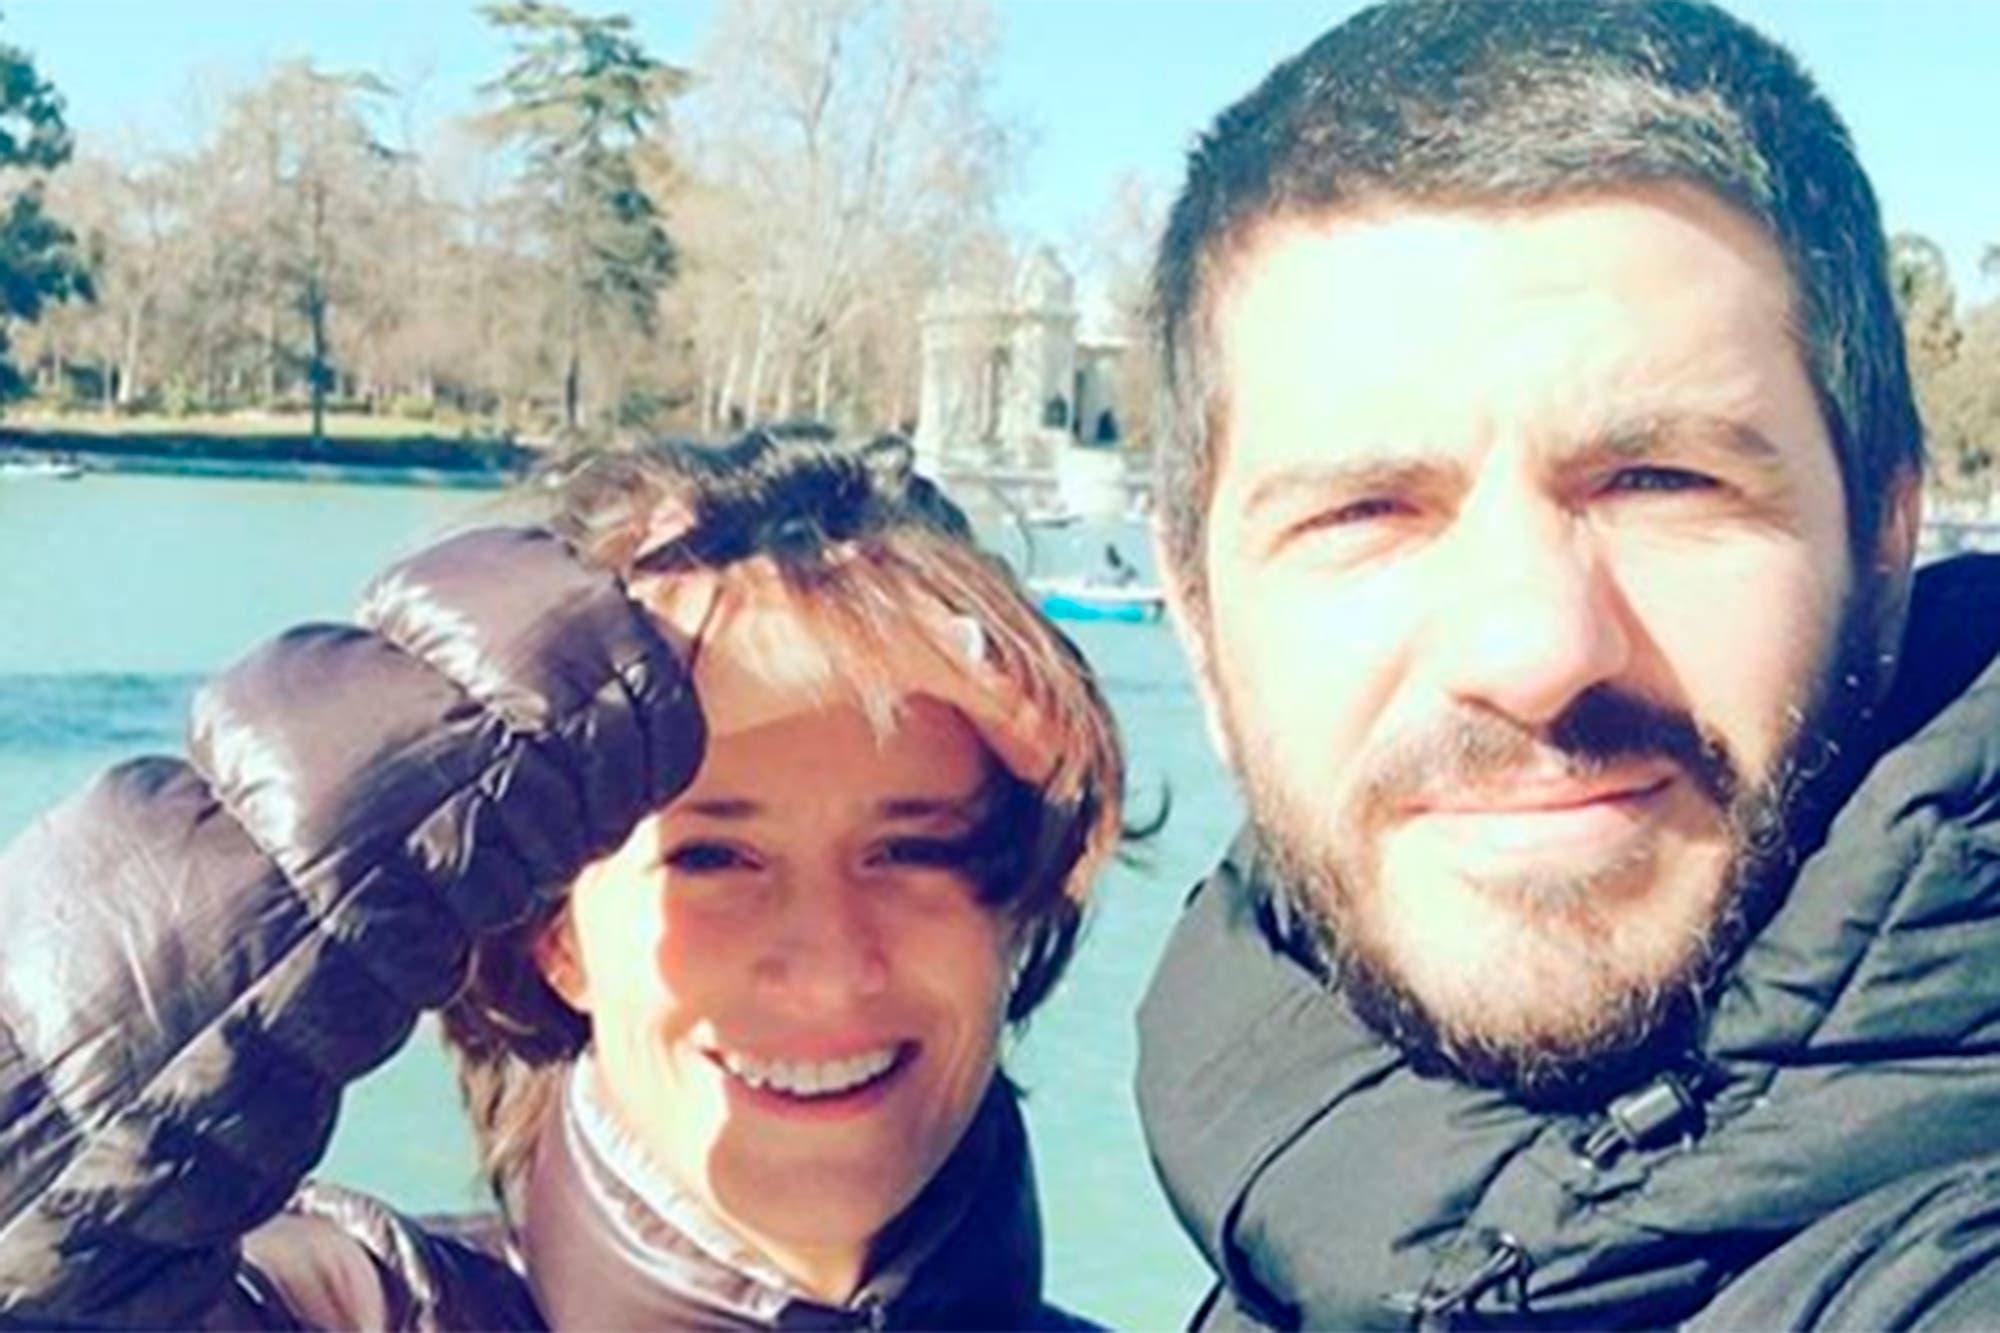 Marco Caponi contó cómo fue su esotérica y accidentada primera cita con Mónica Antonópulos